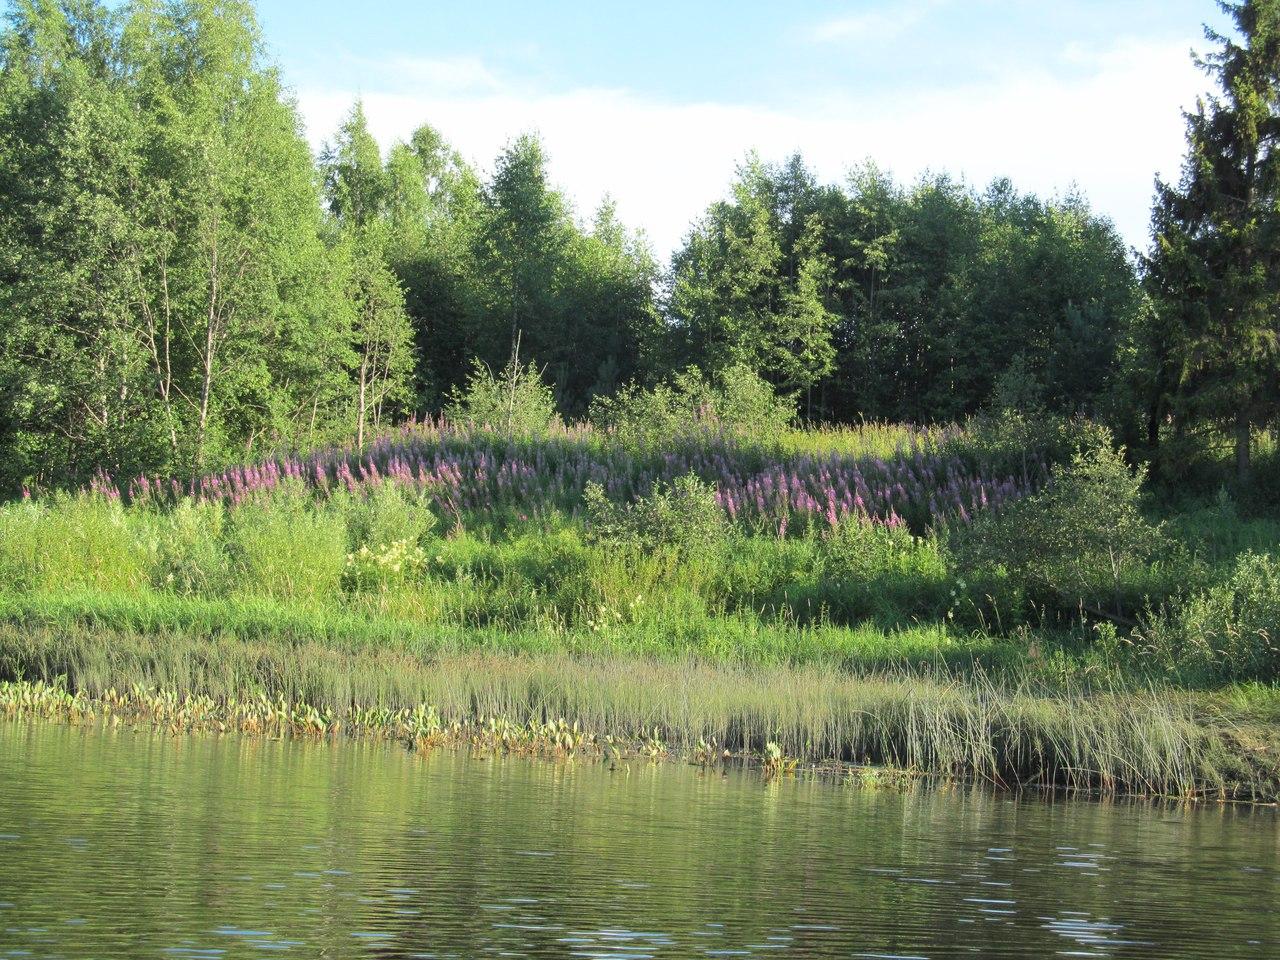 берег, заросший травой и цветами